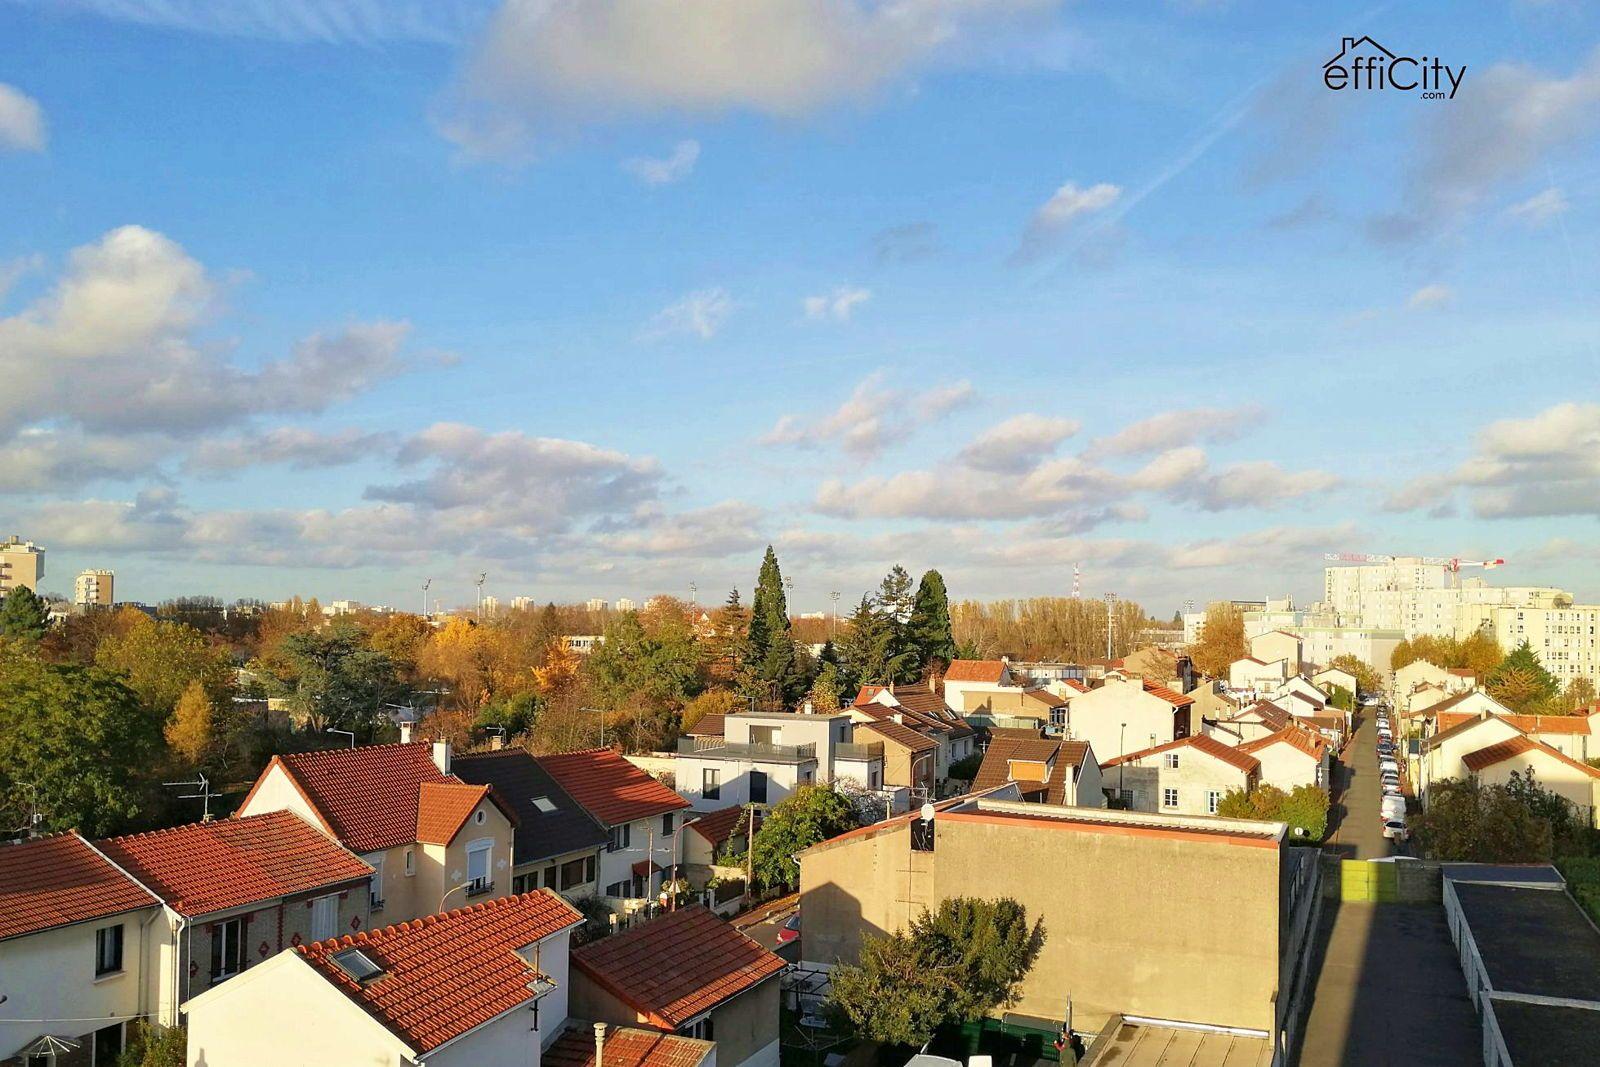 Vends appartement - Montreuil (93) - 63m² - 1CAVE - 1BOX